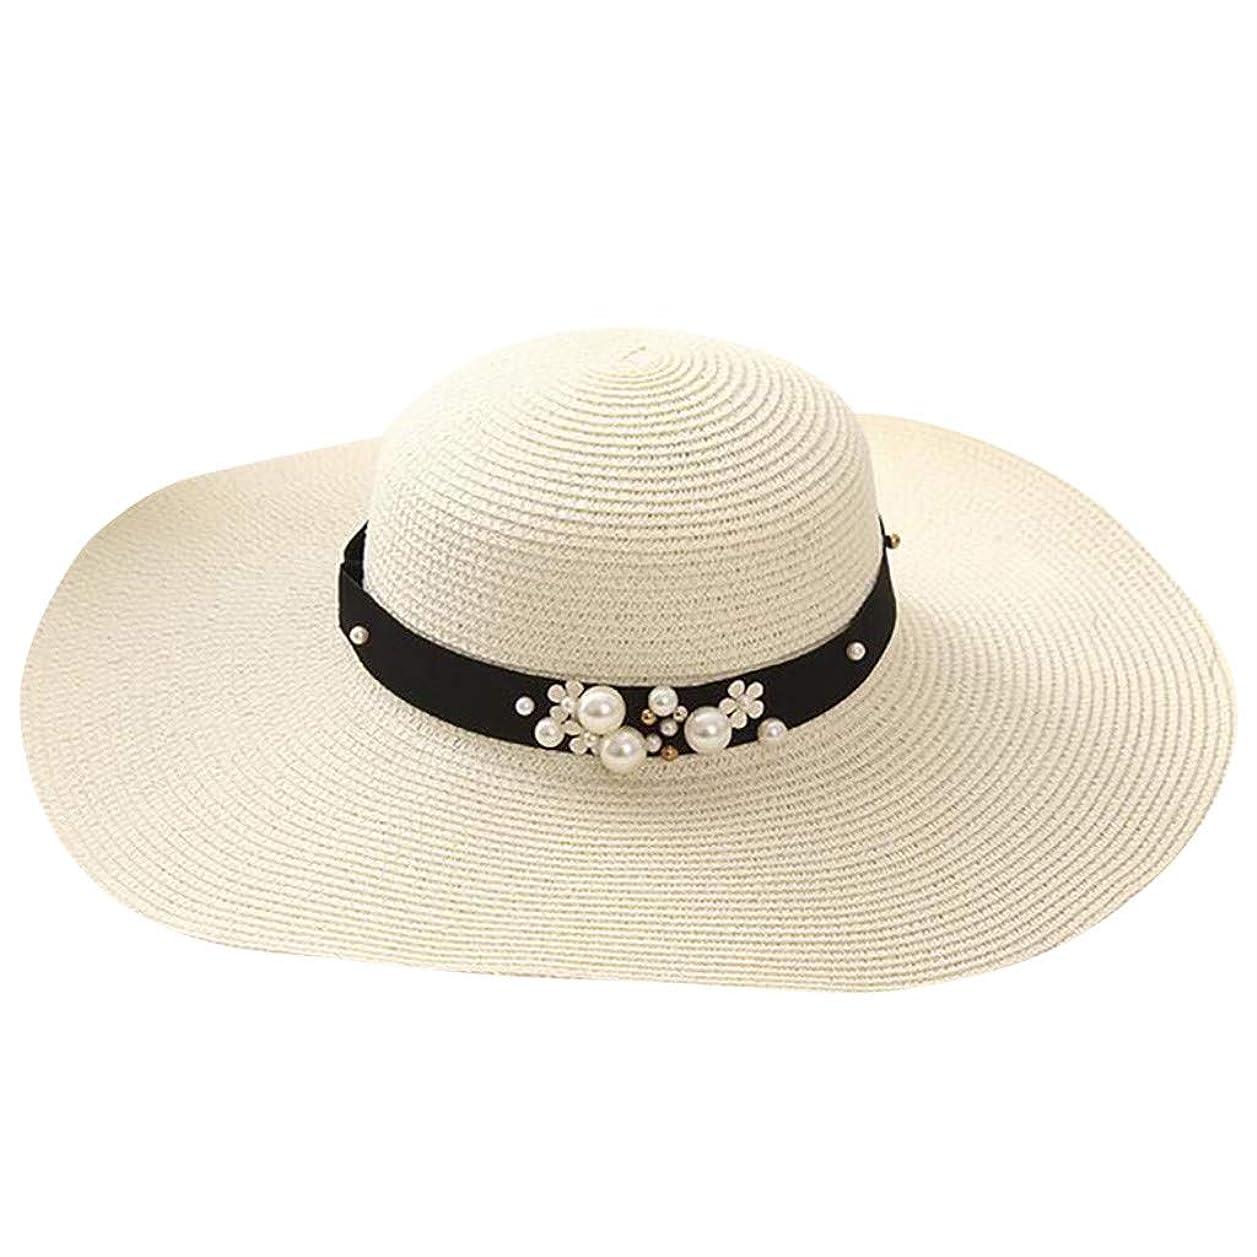 保安クリップ蝶マットレス漁師の帽子 ROSE ROMAN UVカット 帽子 帽子 レディース 麦わら帽子 UV帽子 紫外線対策 通気性 取り外すあご紐 サイズ調節可 つば広 おしゃれ 可愛い ハット 旅行用 日よけ 夏季 女優帽 小顔効果抜群